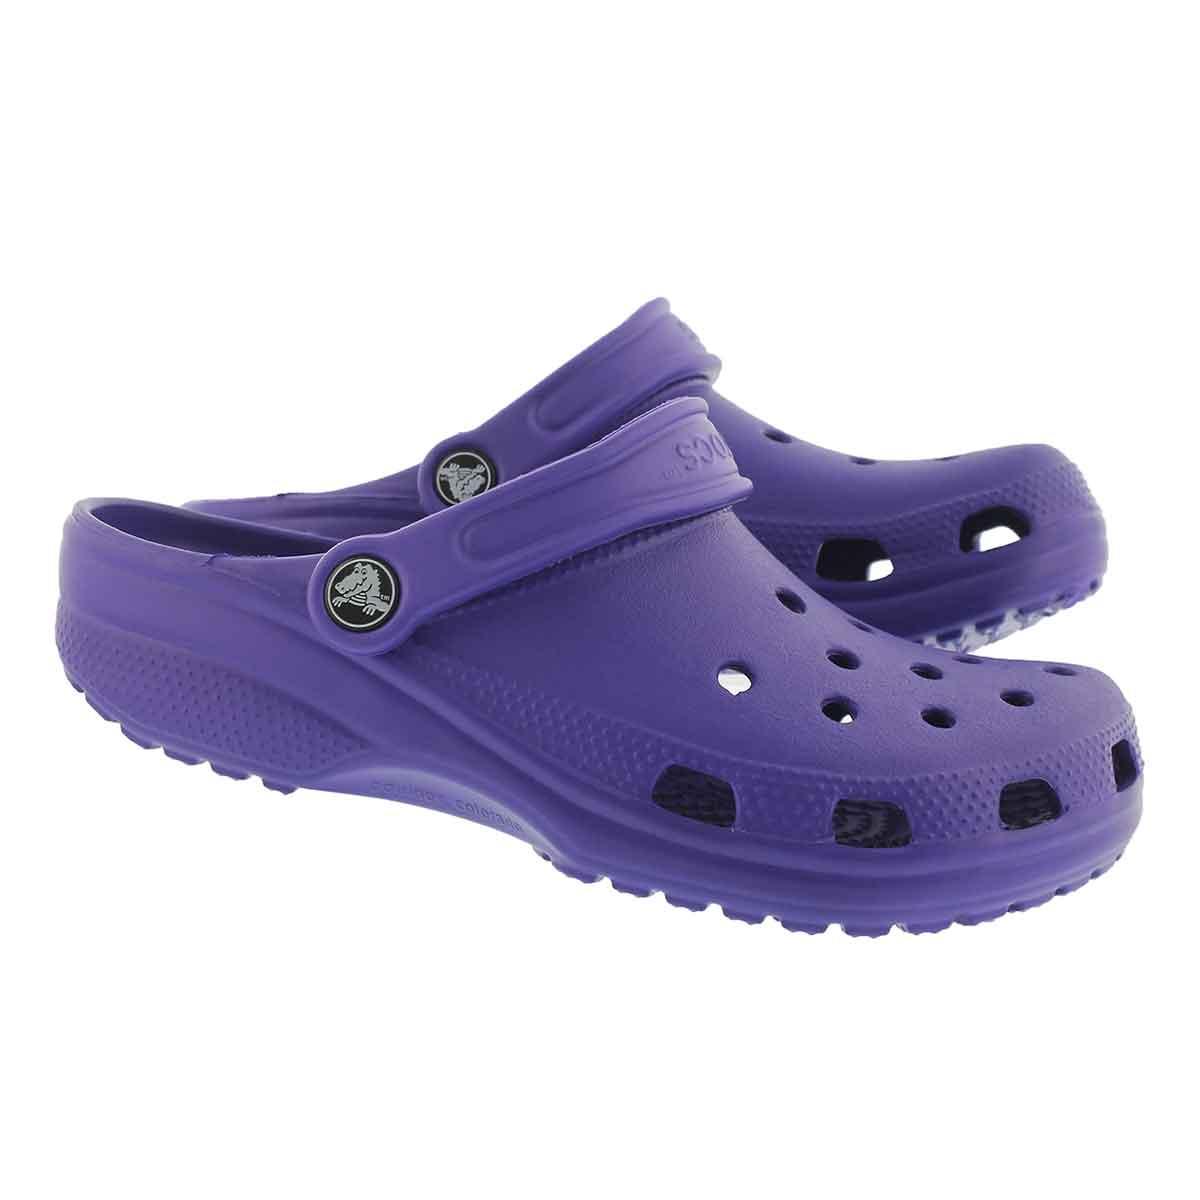 Lds Classic ultraviolet EVA comfort clog